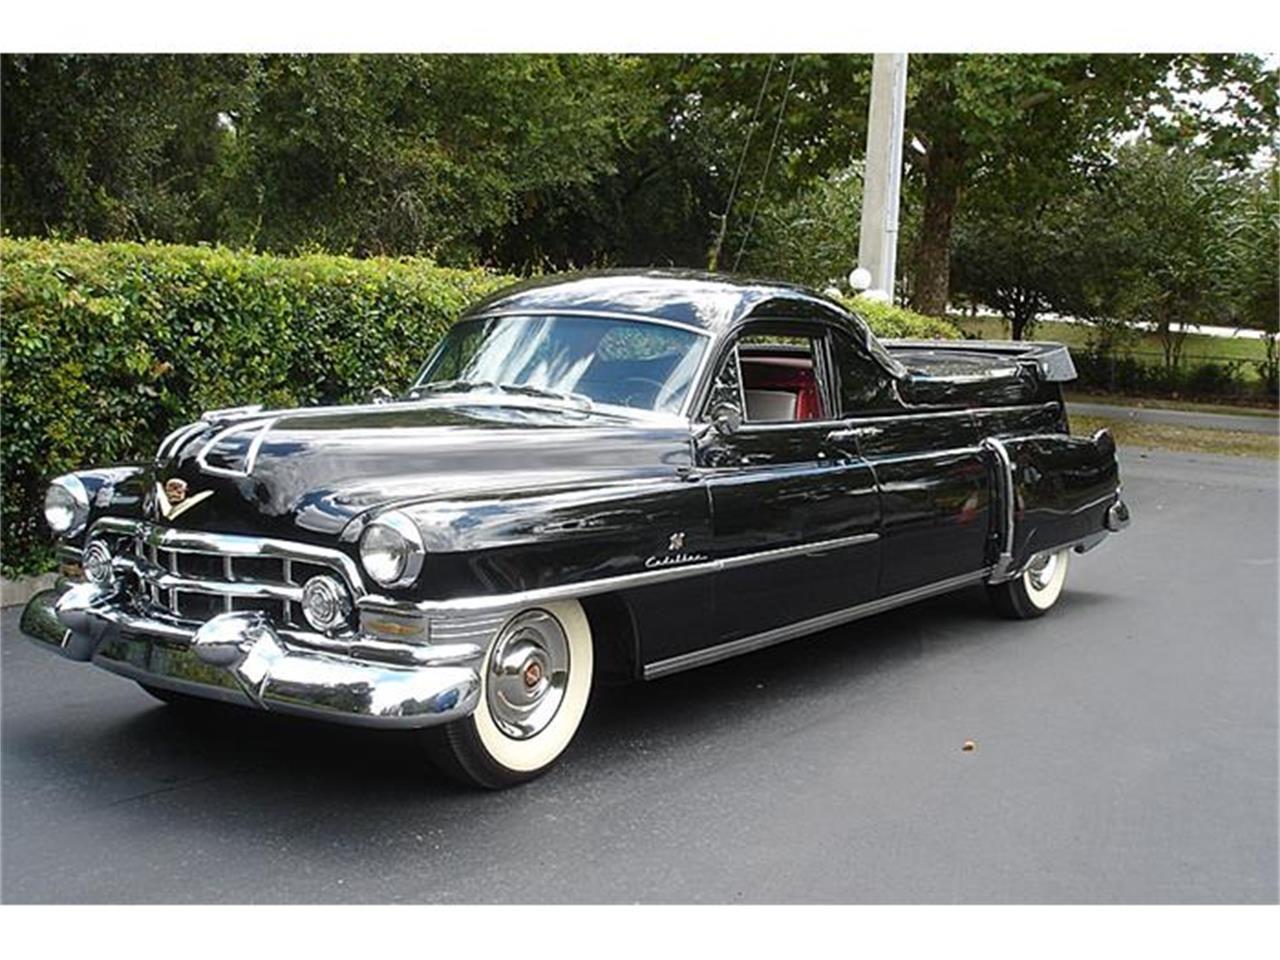 1957 Cadillac Superior Coupe de Fleur - funeral flower car | The ...